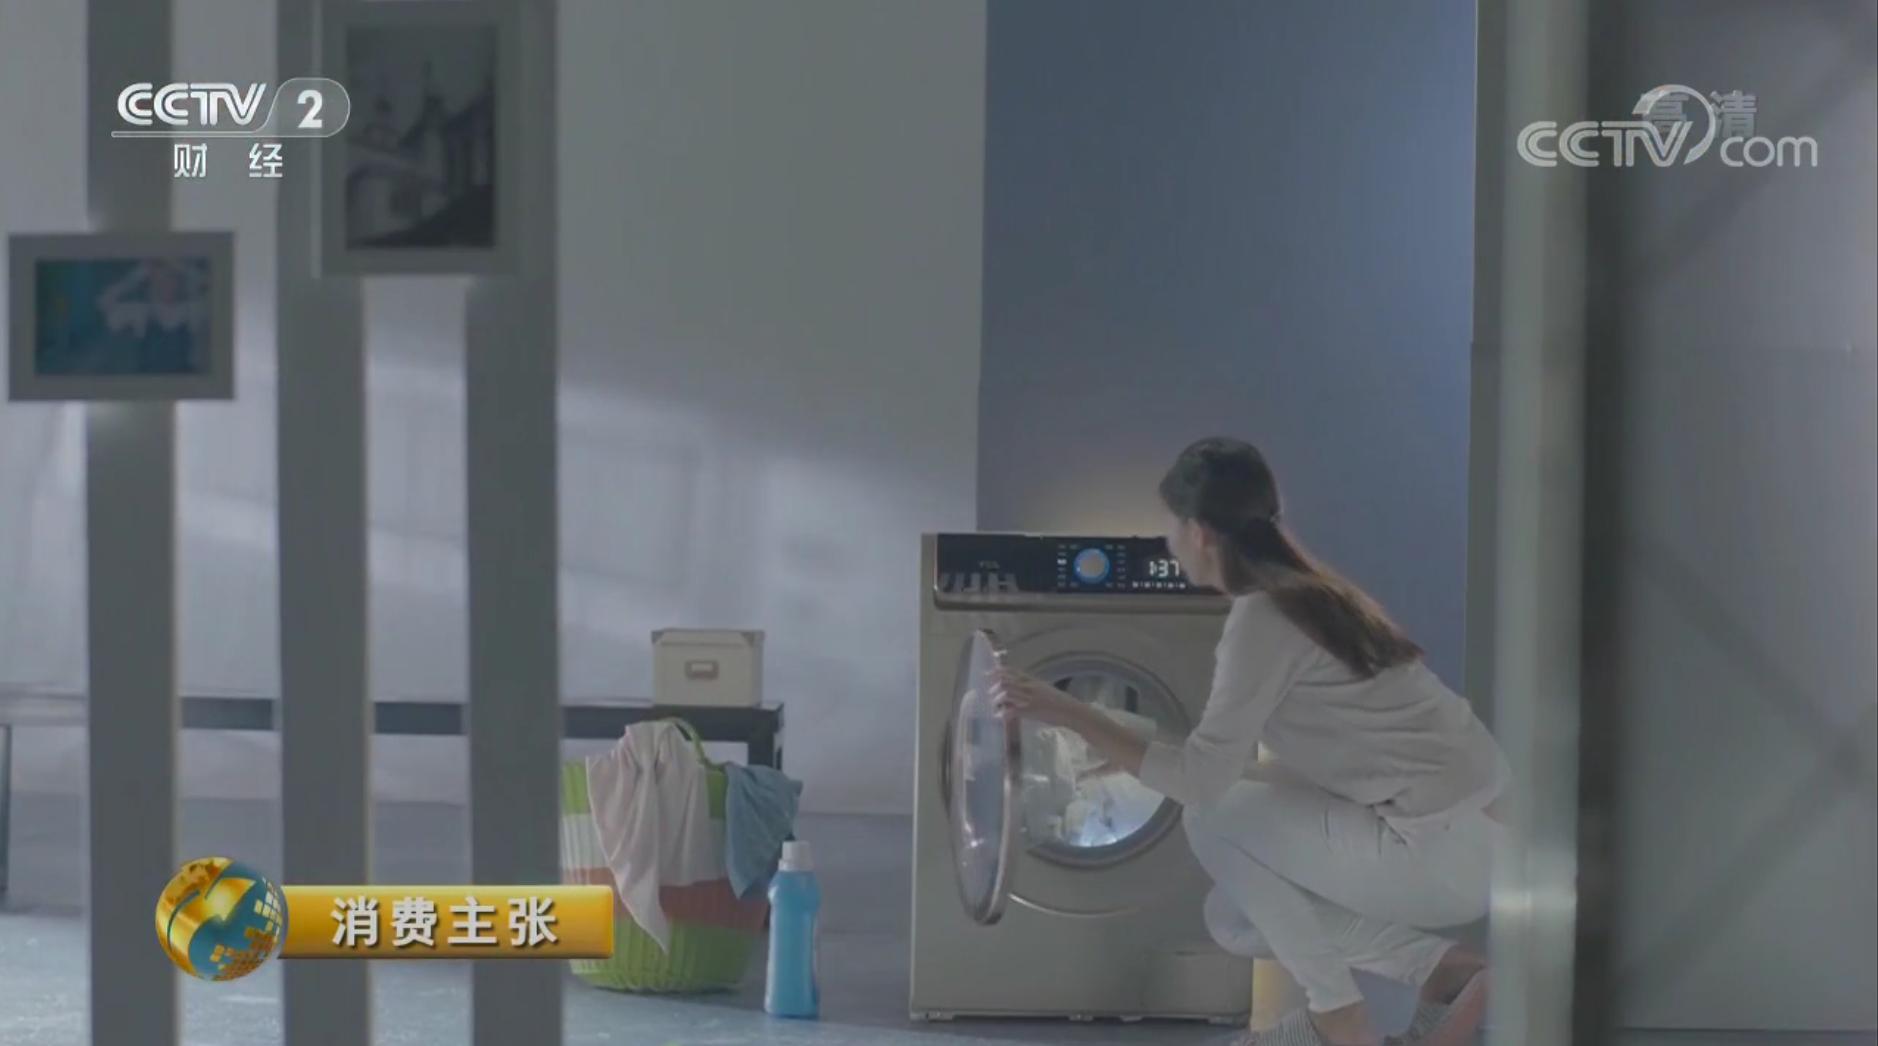 践行大国品牌 为TCL冰箱洗衣机实力打Call